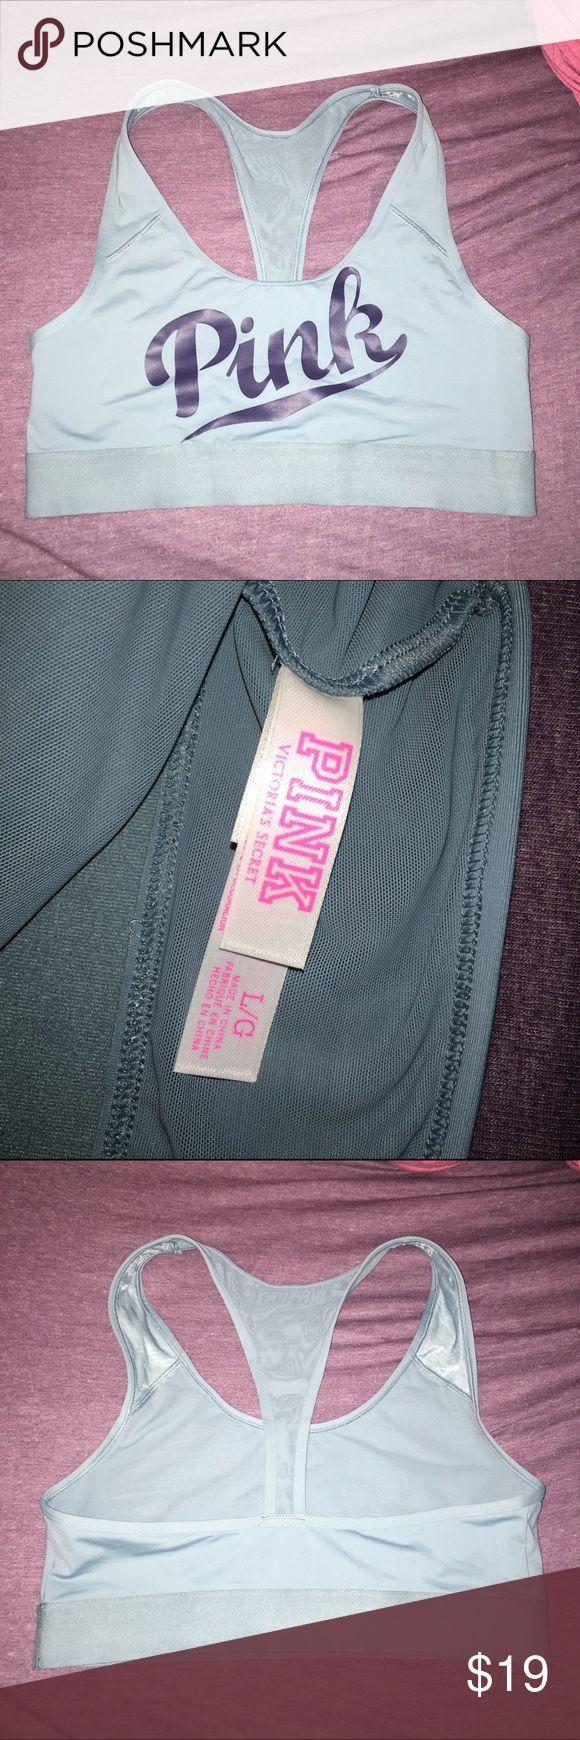 NWOT L vs pink bralette Teal color racerback sports bra, online order tried on but never worn no flaws NWOT! Size L pulls on PINK Victoria's Secret Intimates & Sleepwear Bras